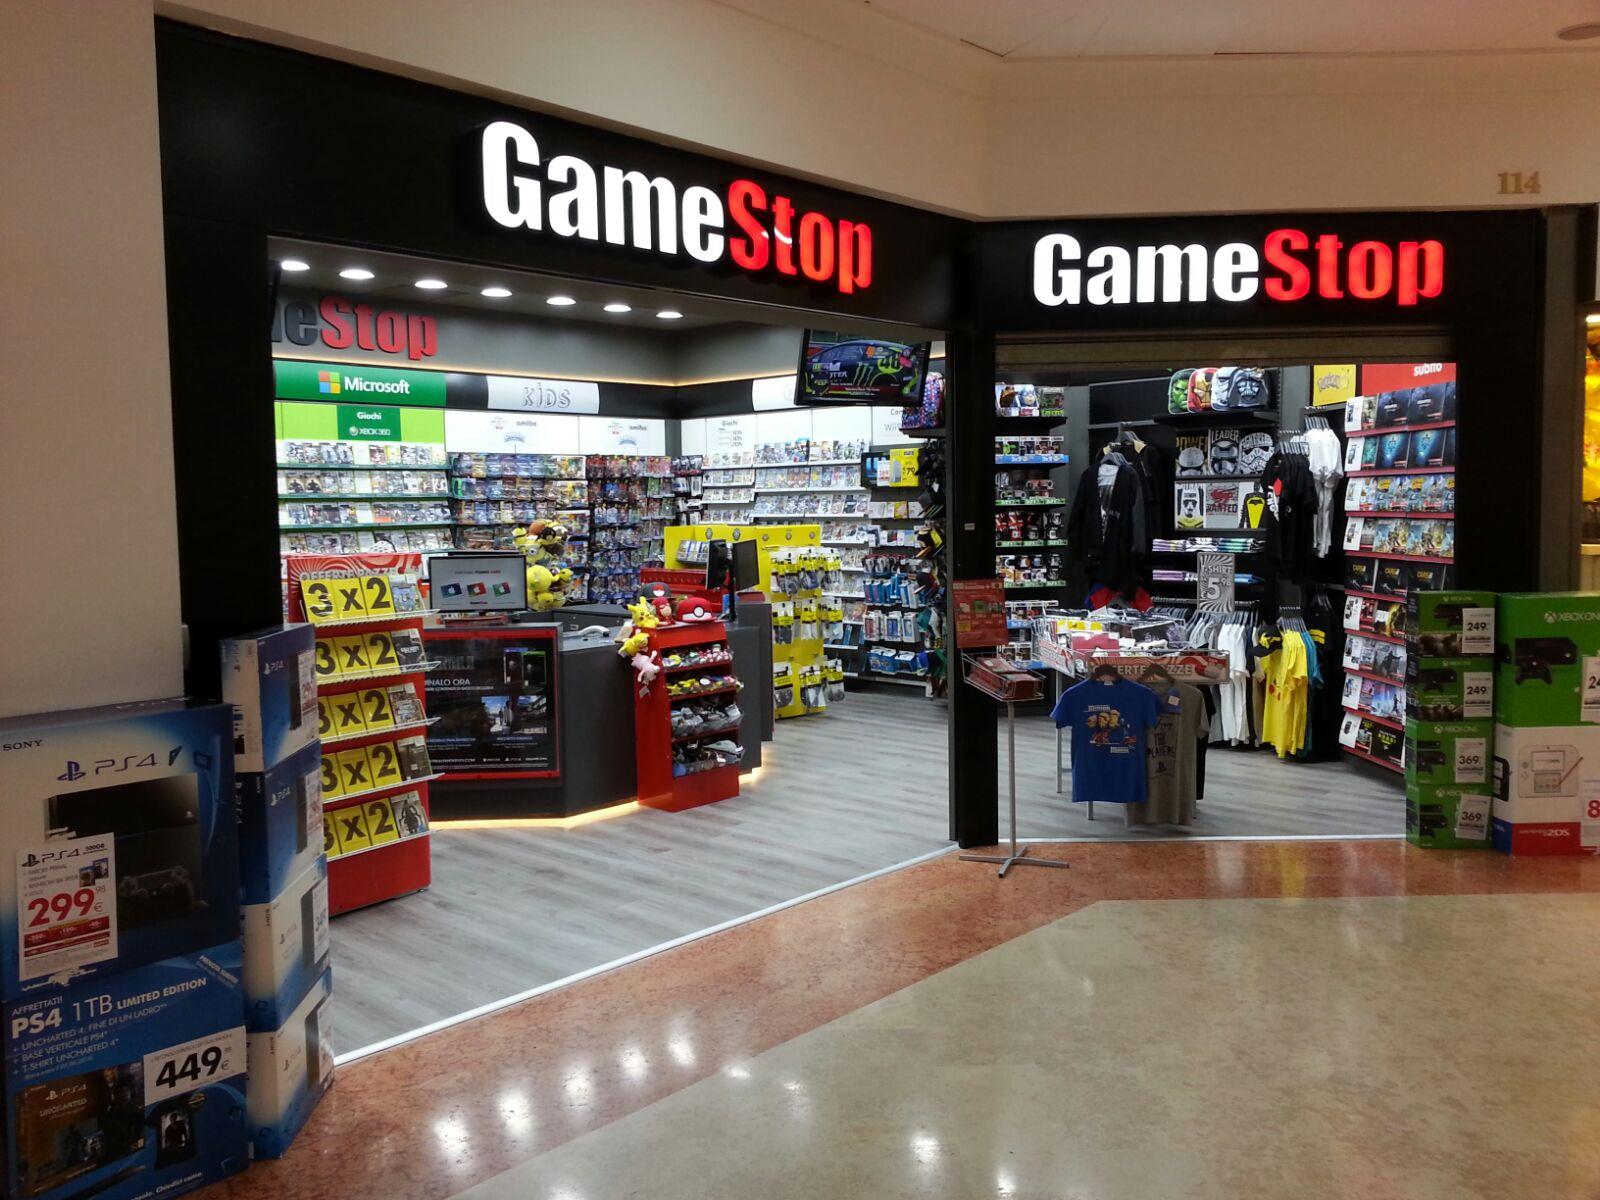 GameStop – Ancora nessun accordo è stato trovato per rilevare l'azienda